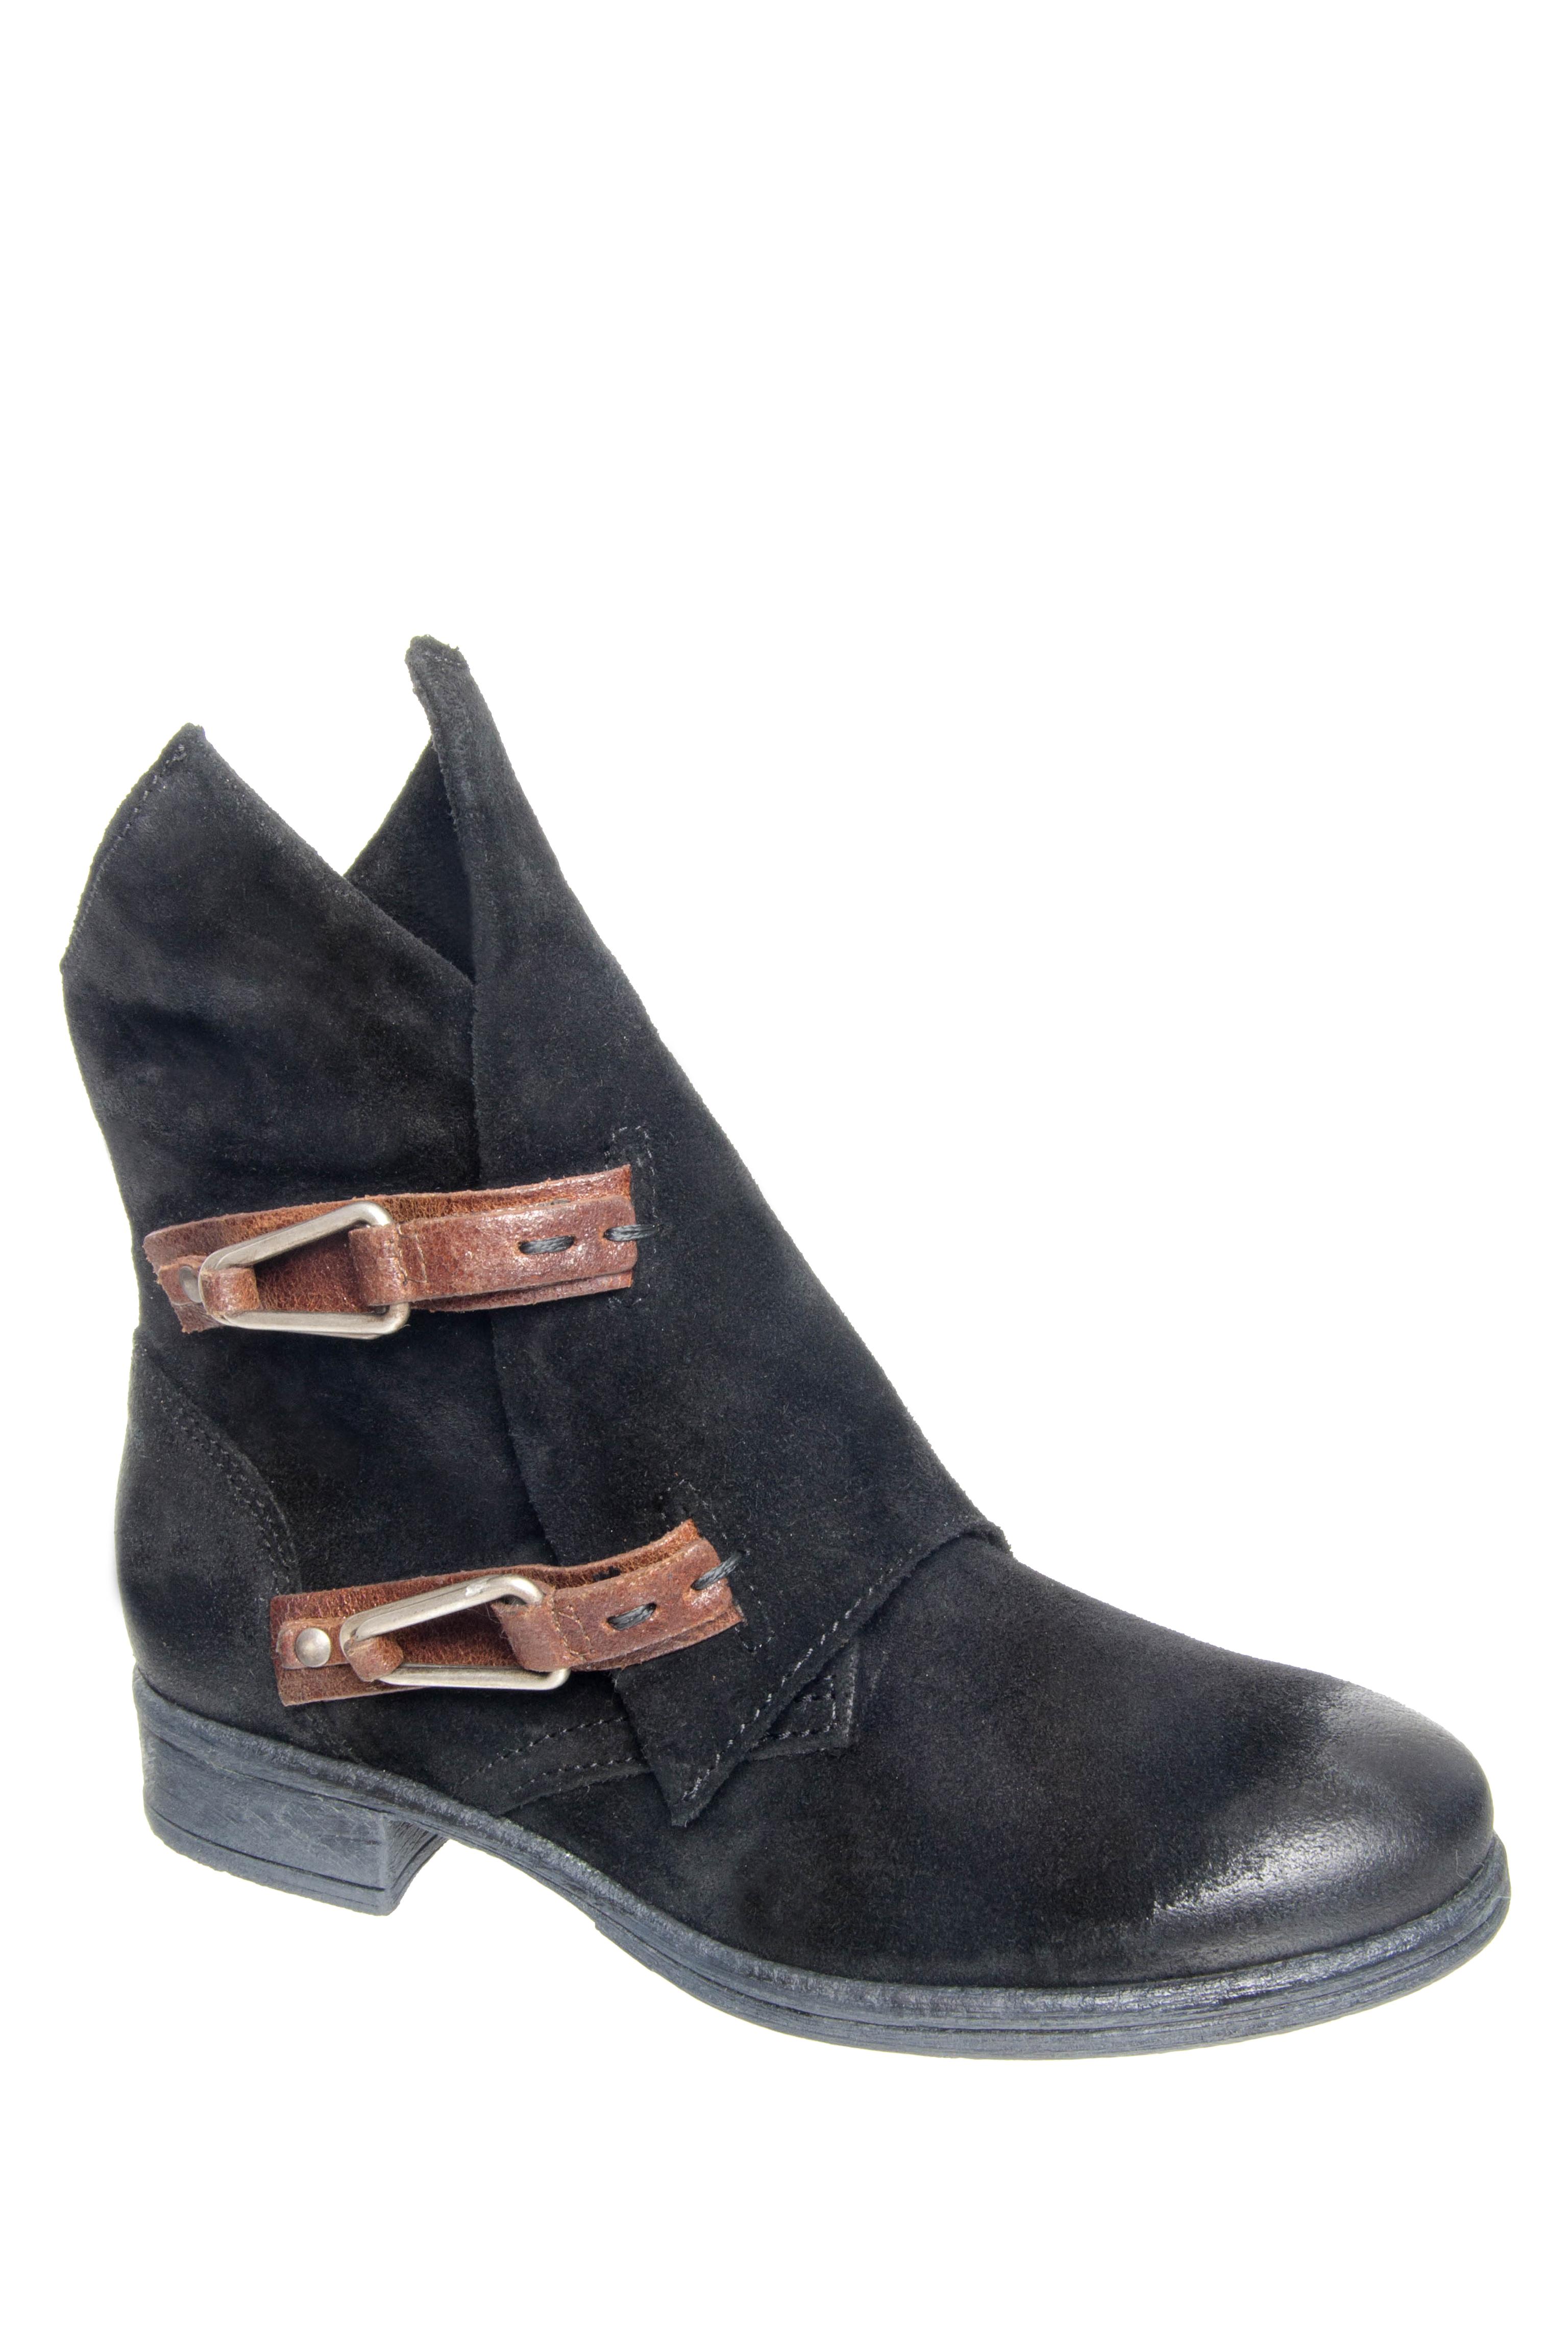 Miz Mooz Yeats Low Heel Zip Boots - Black